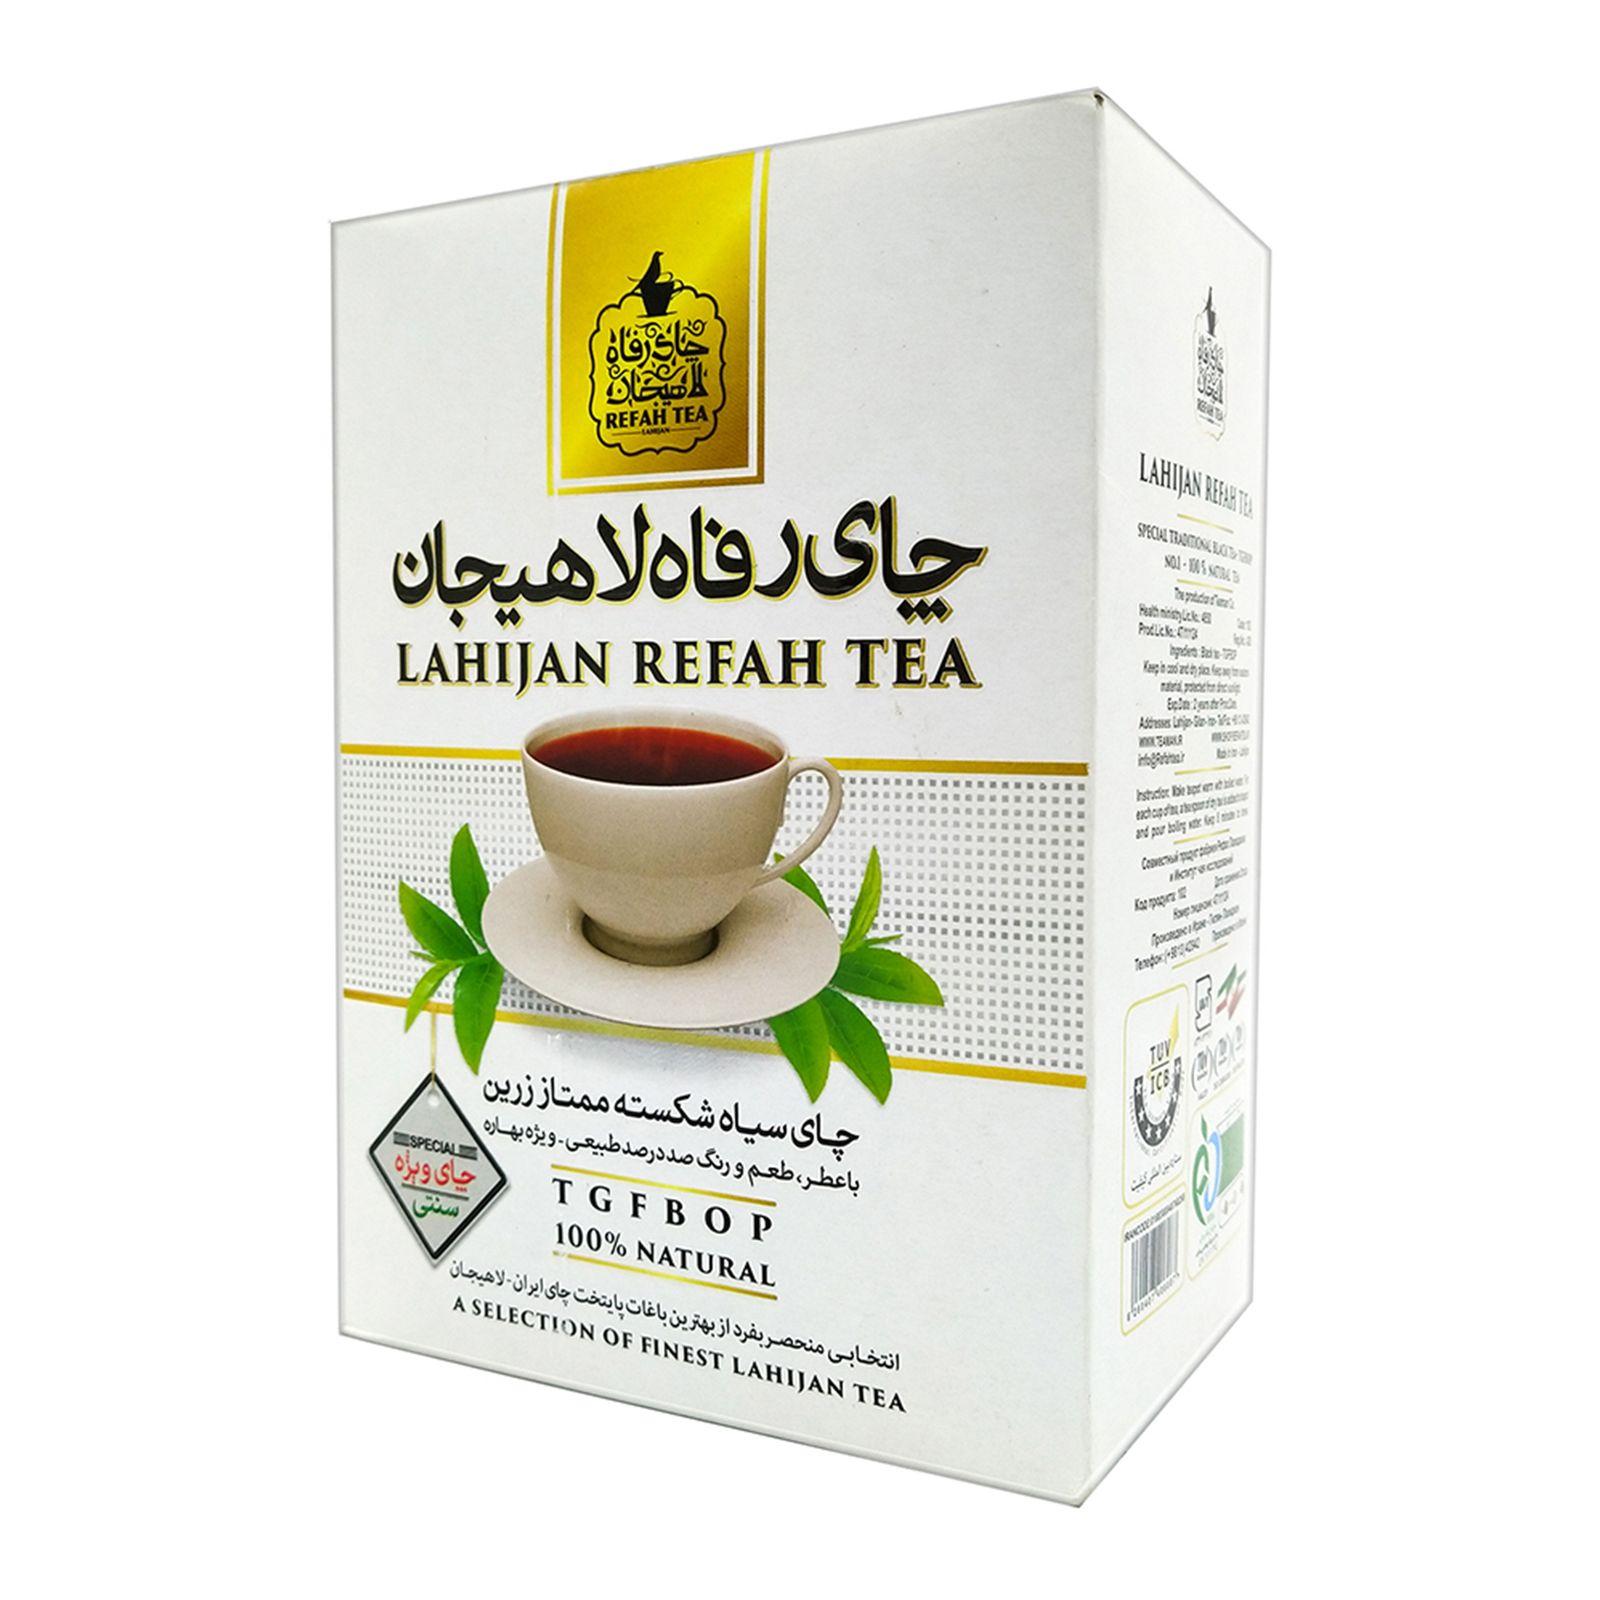 بسته چای سیاه رفاه لاهیجان مدل شکسته ممتاز زرین main 1 2